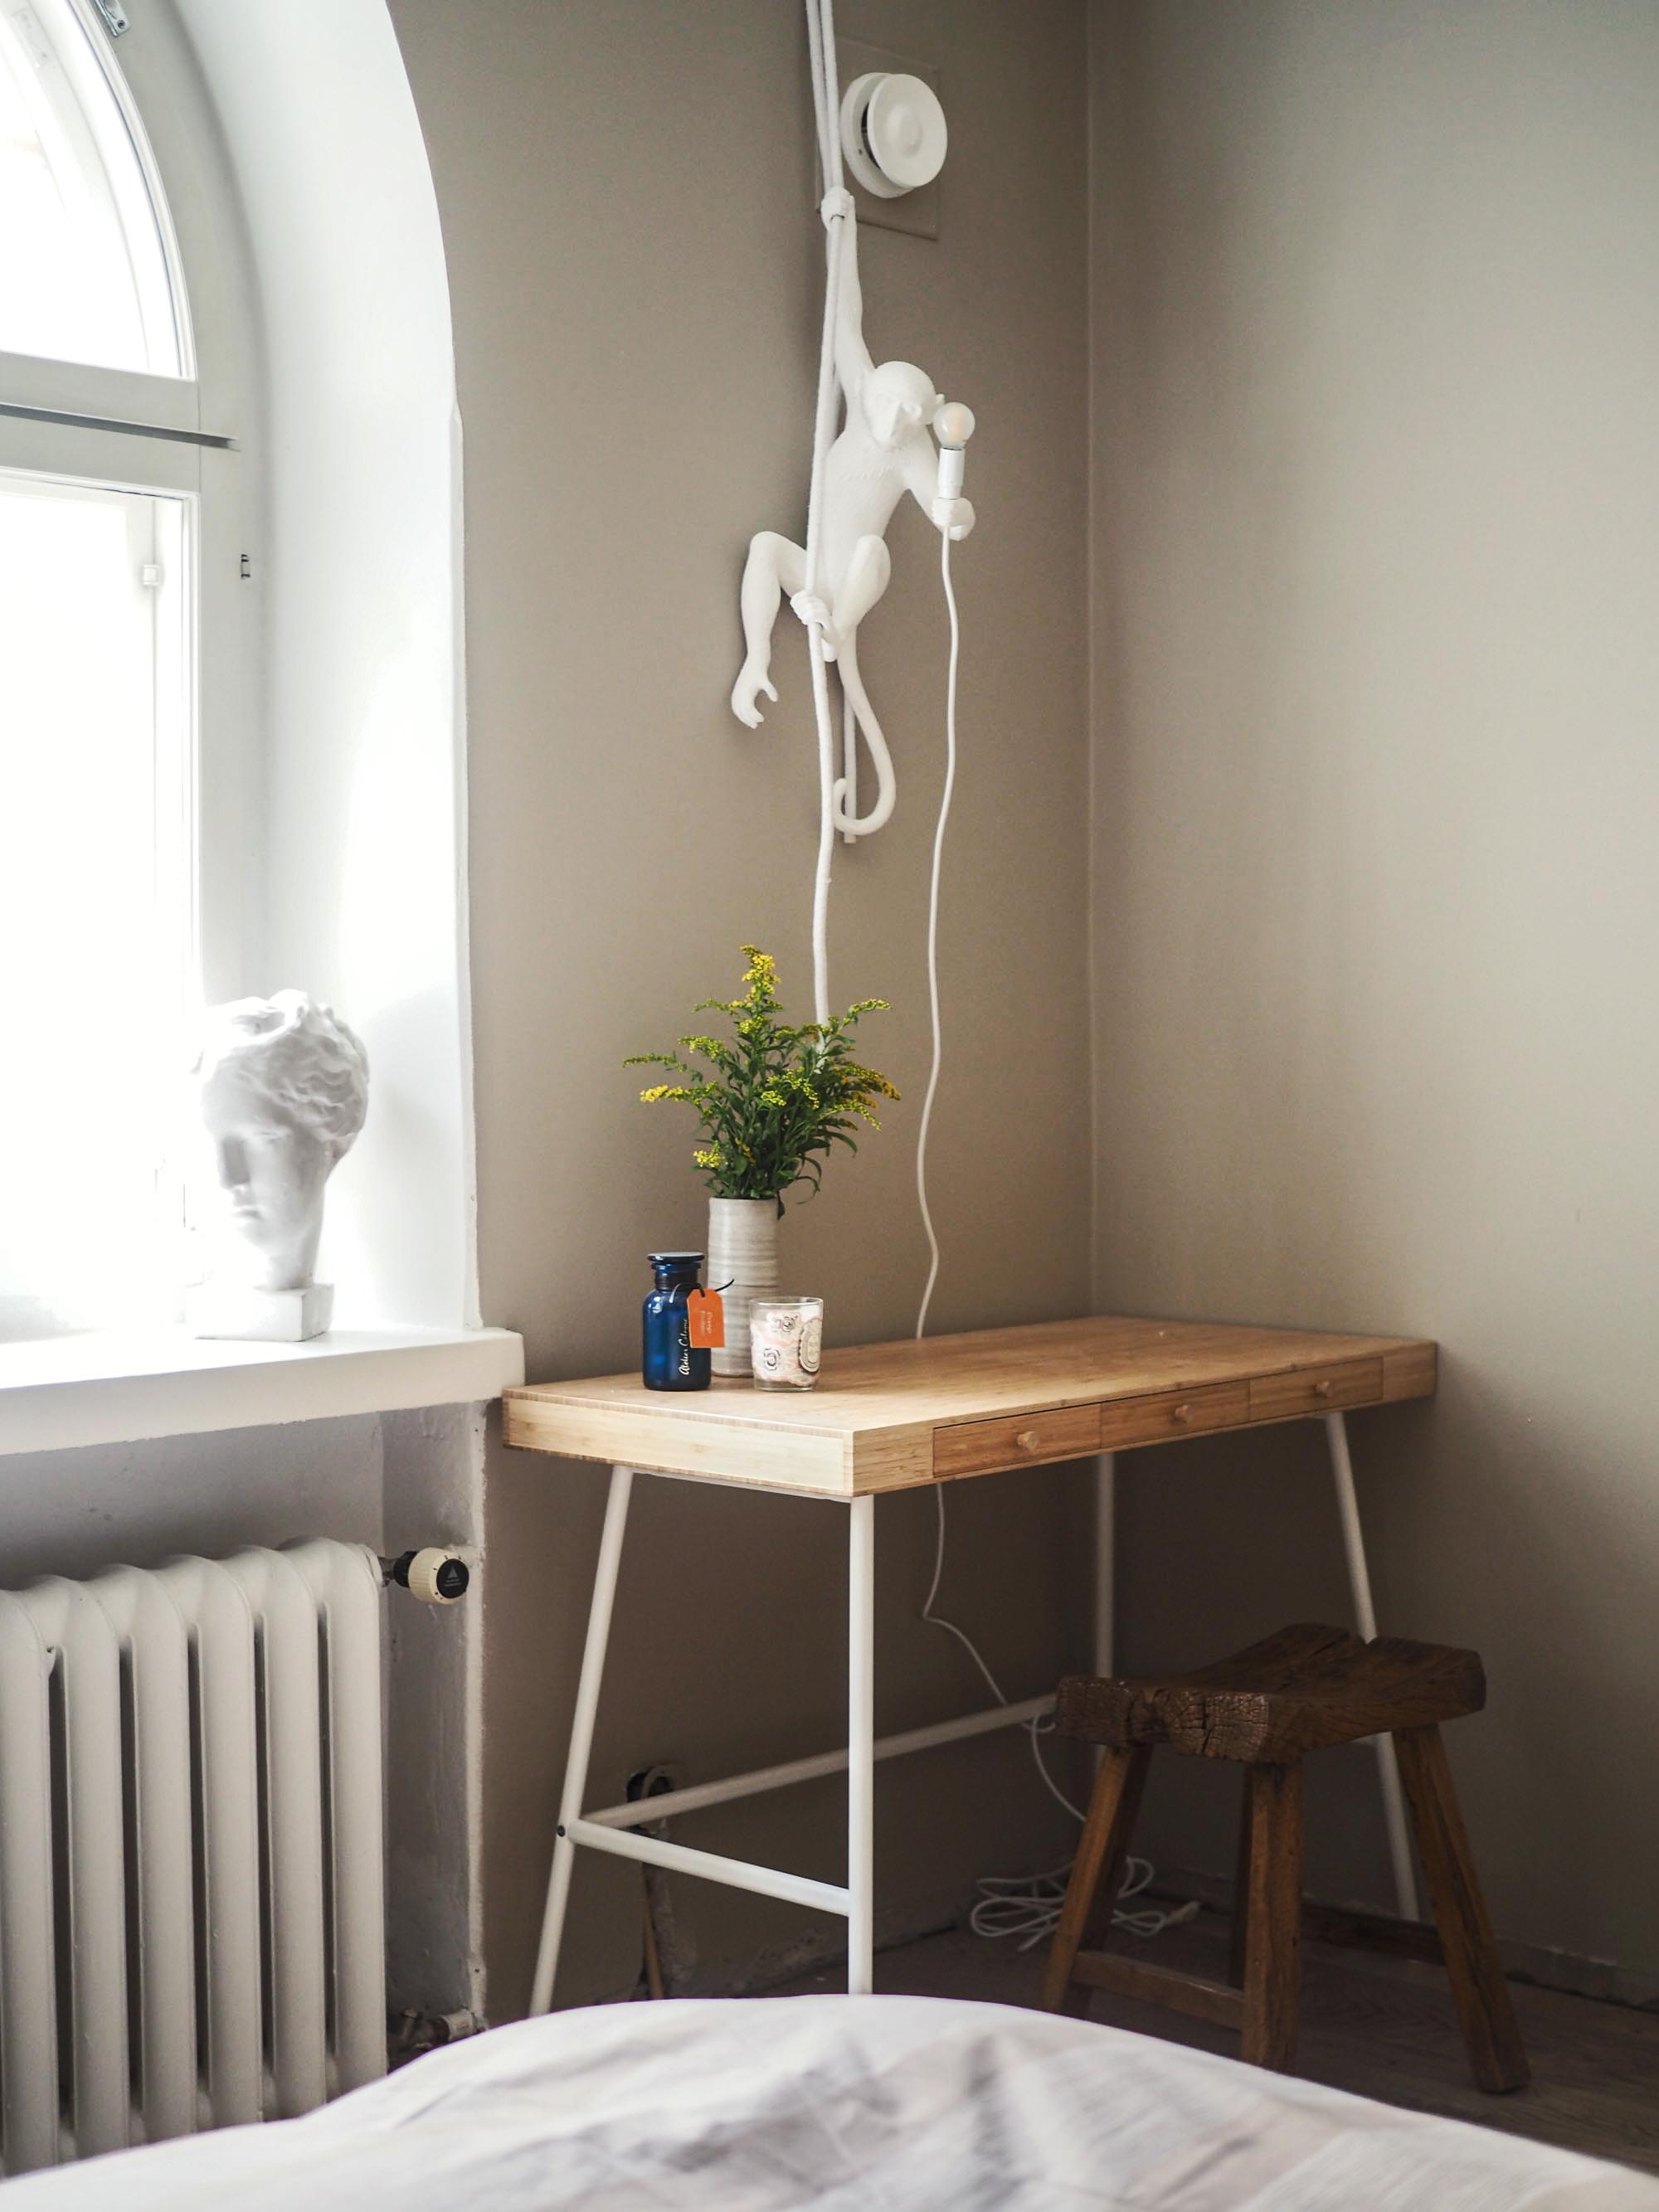 Työpöydälle ei ole kotonani muuta paikkaa kuin makuuhuone, mutta pidän työstä muistuttavat rojut laatikoissa piilossa ja pyrin tekemään ikävimmät ja stressaavimmat työt kodin ulkopuolella. Apinavalaisimessa oli minusta erinomainen feng shui työpisteeseen - se muistuttaa, että työnteonkaan ei tarvitse olla niin vakavaa… Jakkara on väliaikainen kunnes löydän sopivan tuolin. Etsin myös inspiroivaa katseltavaa seinälle.